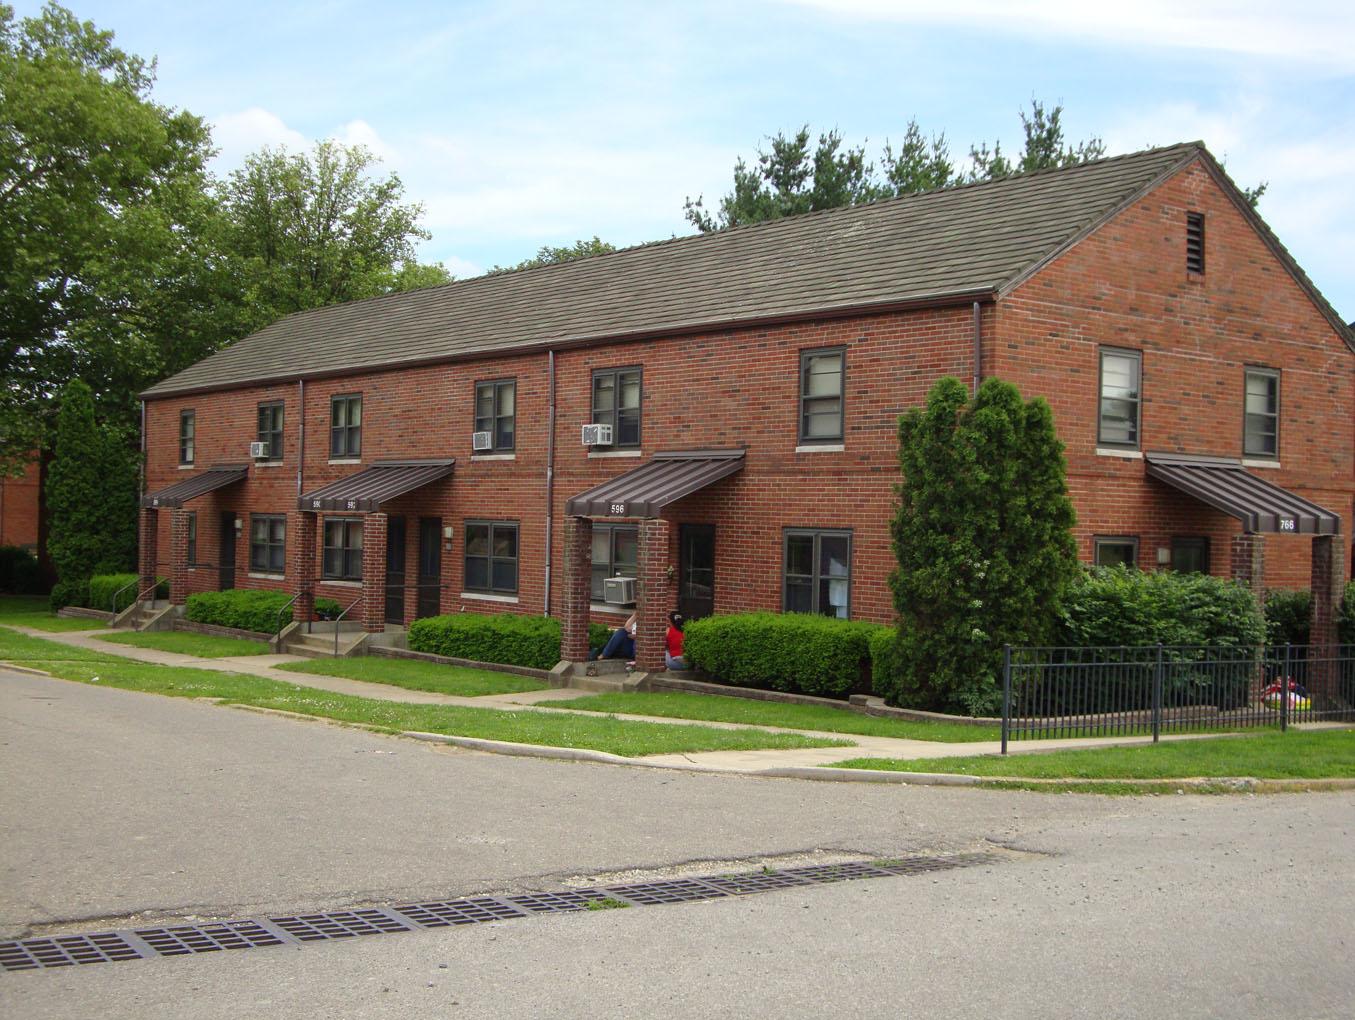 Image of Coopermill Manor in Zanesville, Ohio